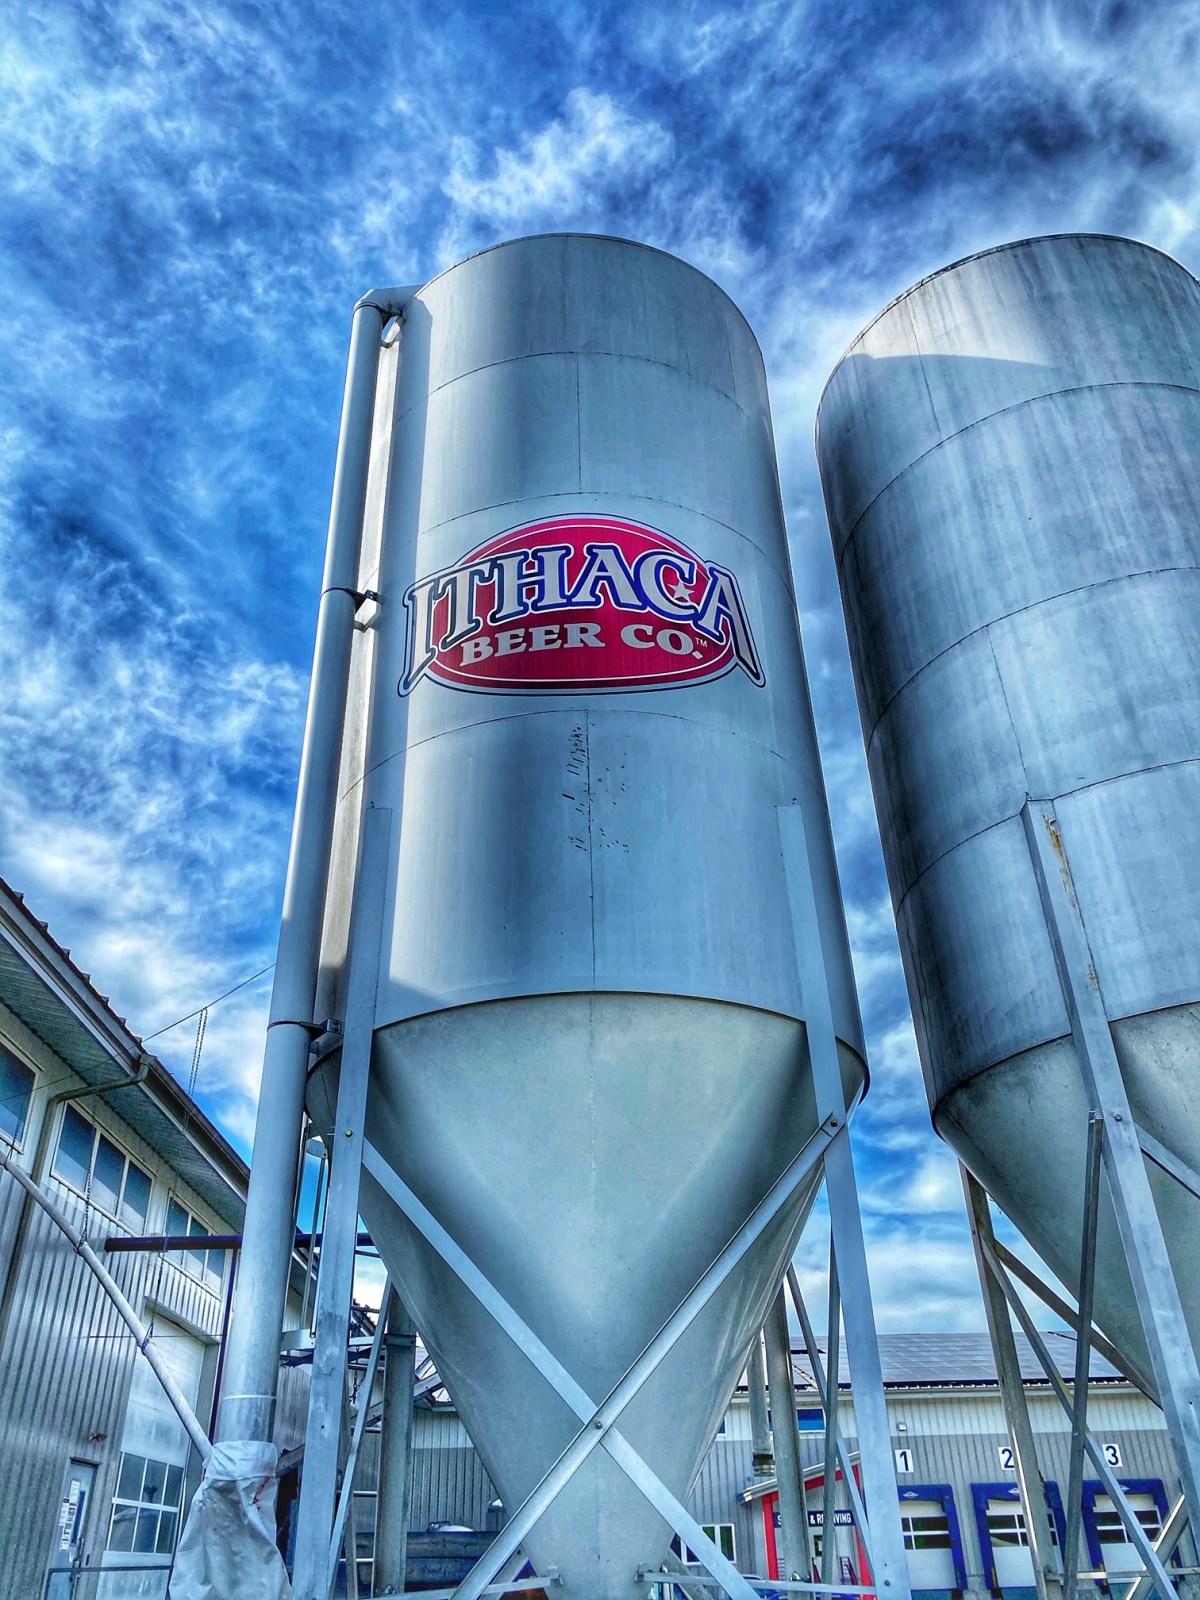 Ithaca Beer Co #ithacabeer #ithacabeerco #ithacany #ithacabrewey #breweriesinithaca #fingerlakesbreweries #thingstodointhefingerlakes #ithacabeer #ithacaattractions #howtospendaweekendinithaca